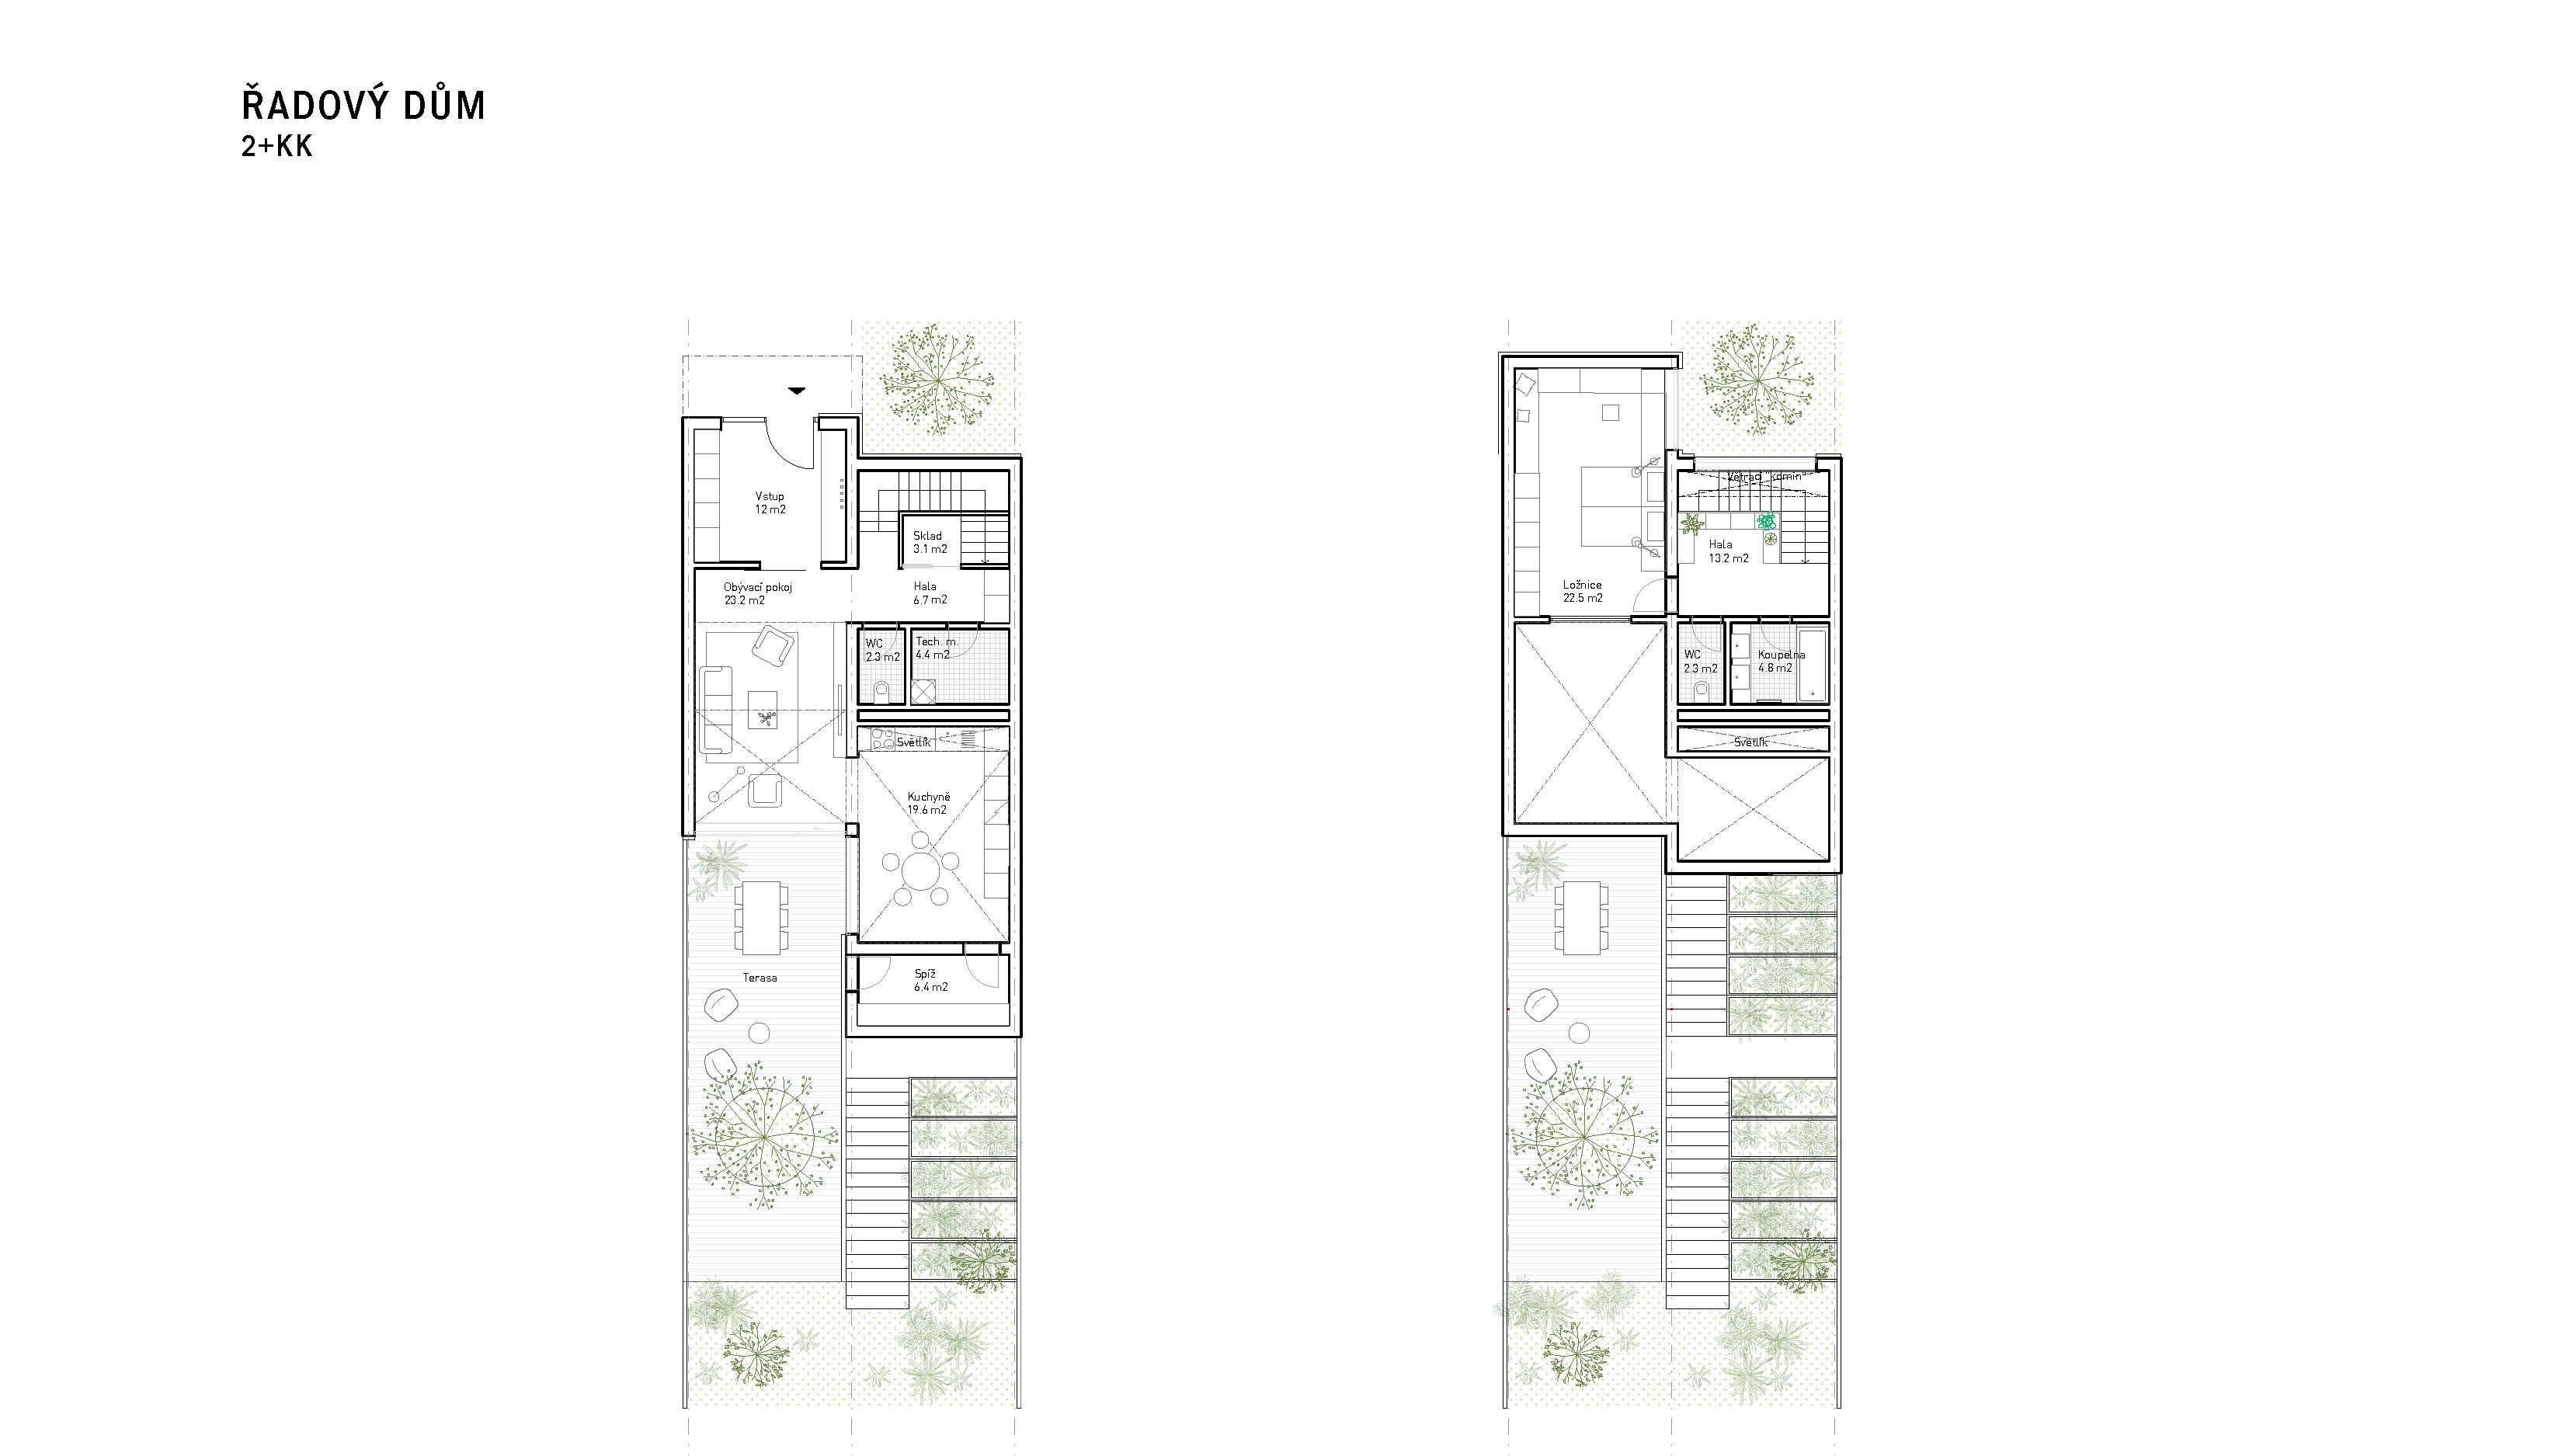 layout_case_0004_200605_Zdrave-domy_chkau_Page_60